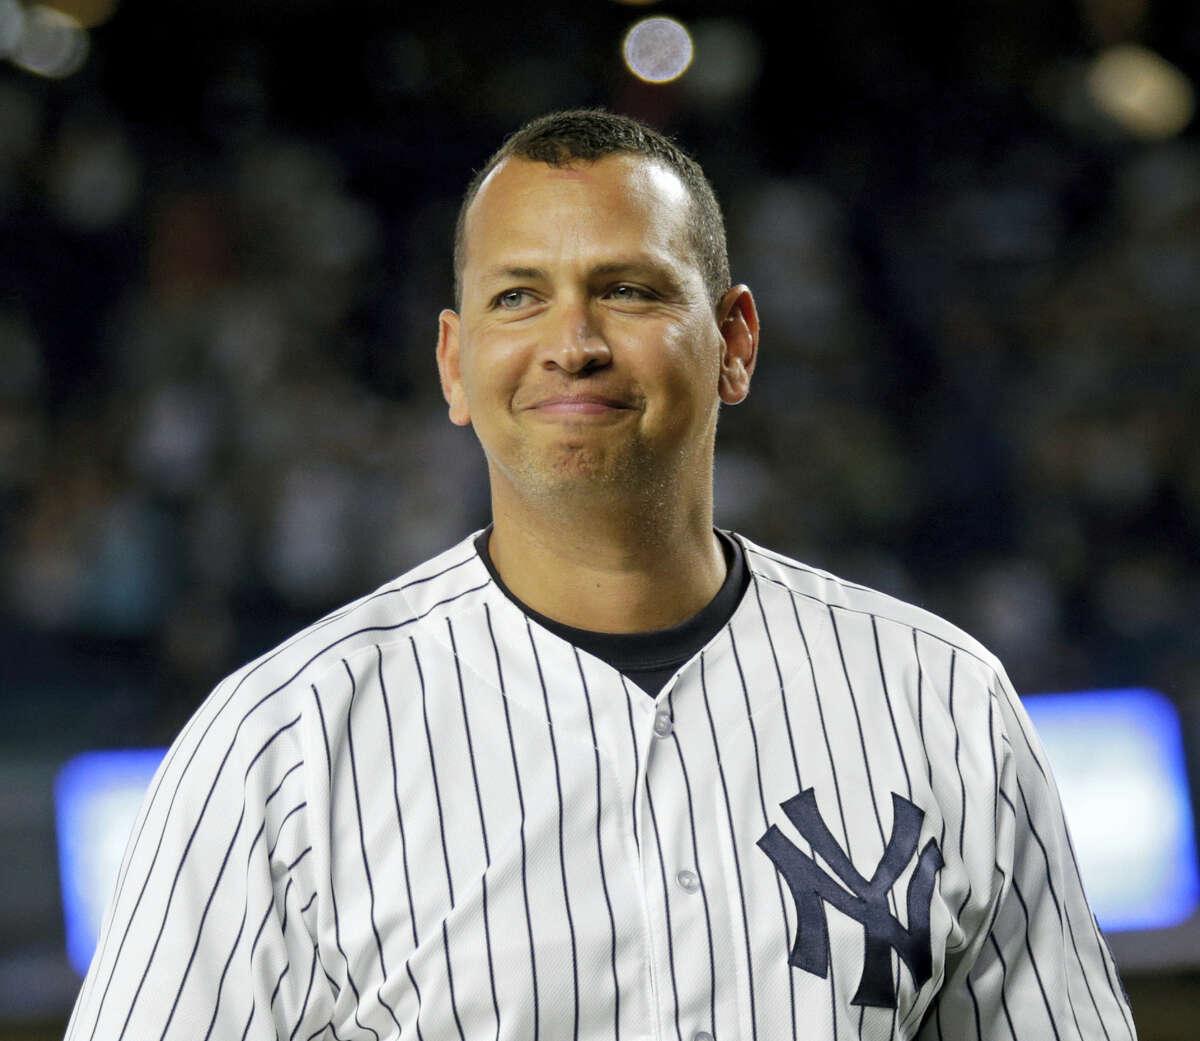 Former Yankee Alex Rodriguez.